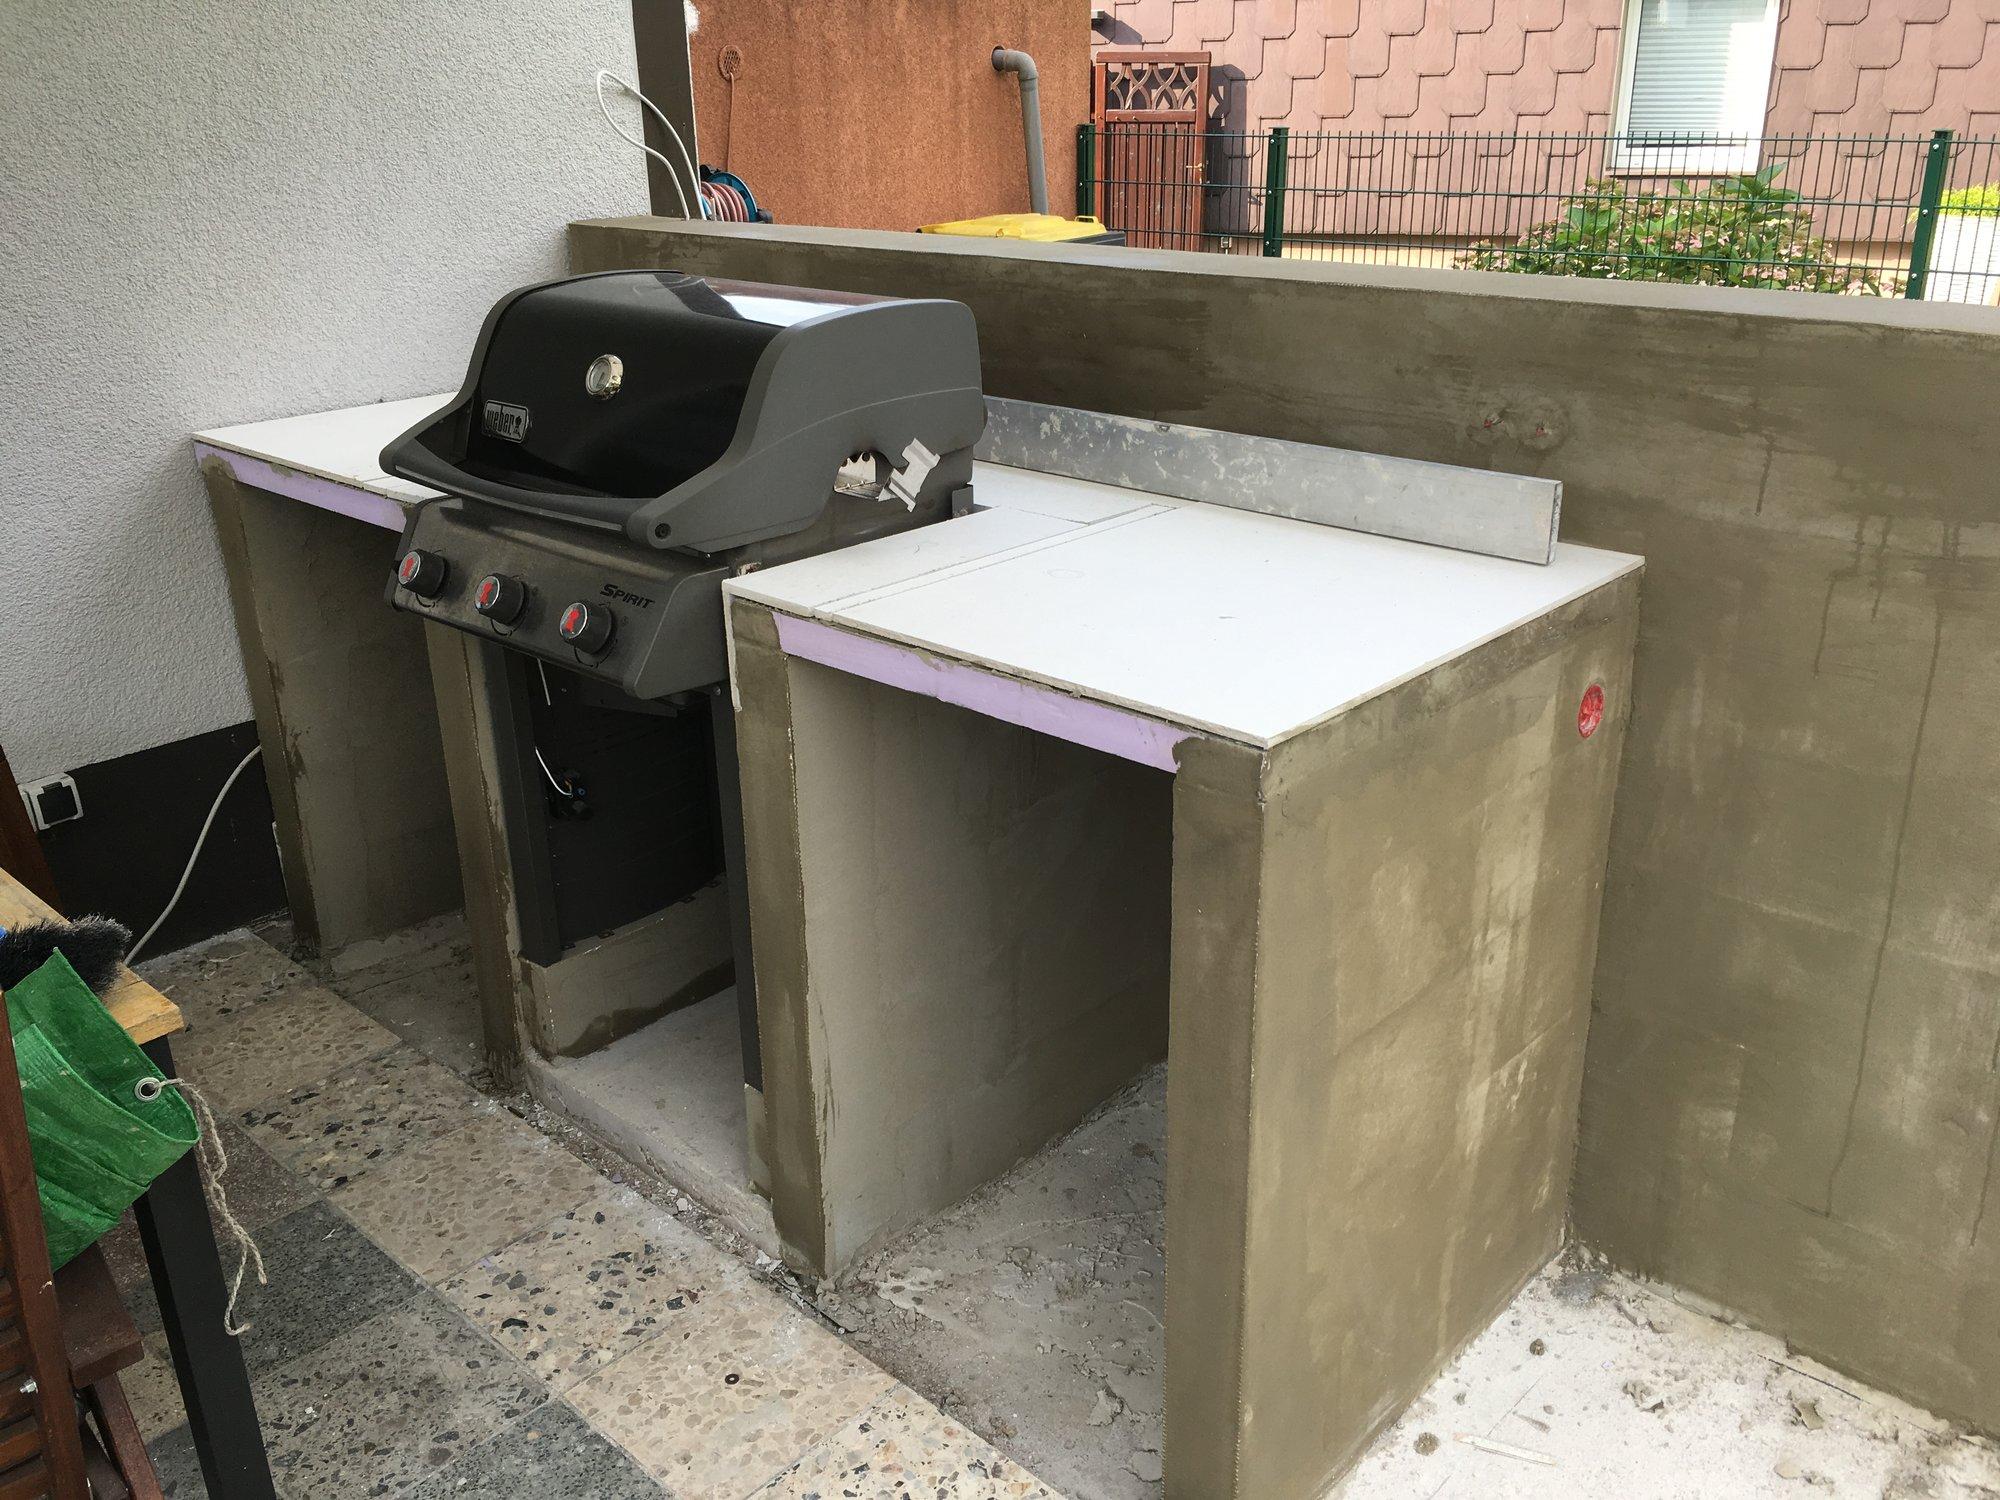 Weber Outdoor Küche Edelstahl : Outdoor küche edelstahl weber weber genesis ii sp gbs